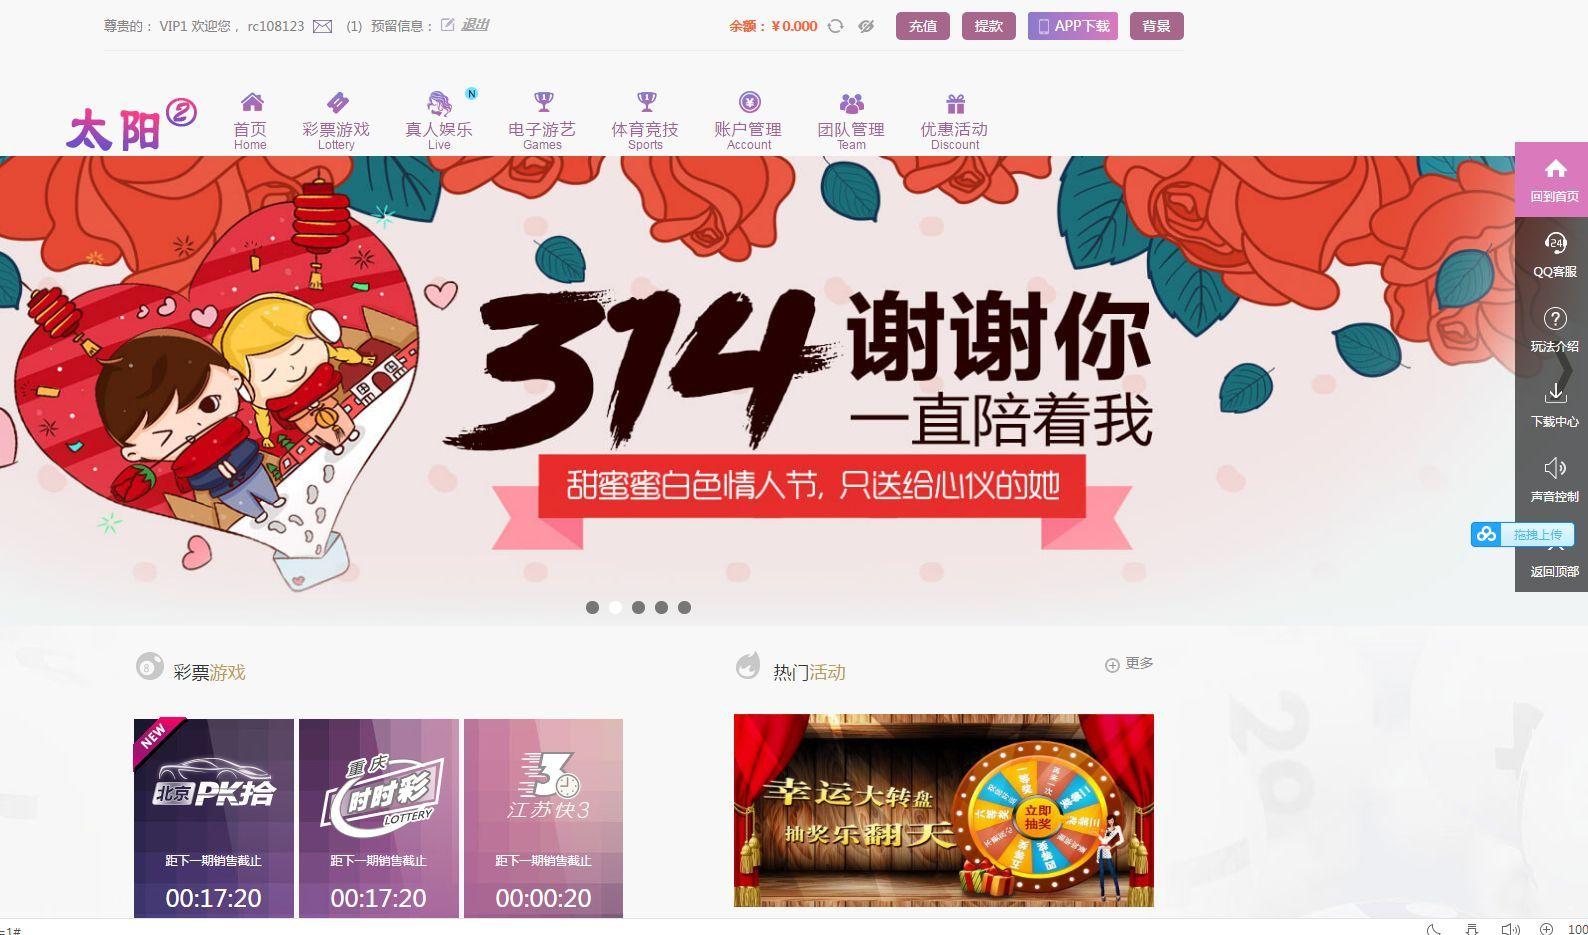 新版杏彩菠菜源码最新UI+修复了20分钟后台UI优化-第4张